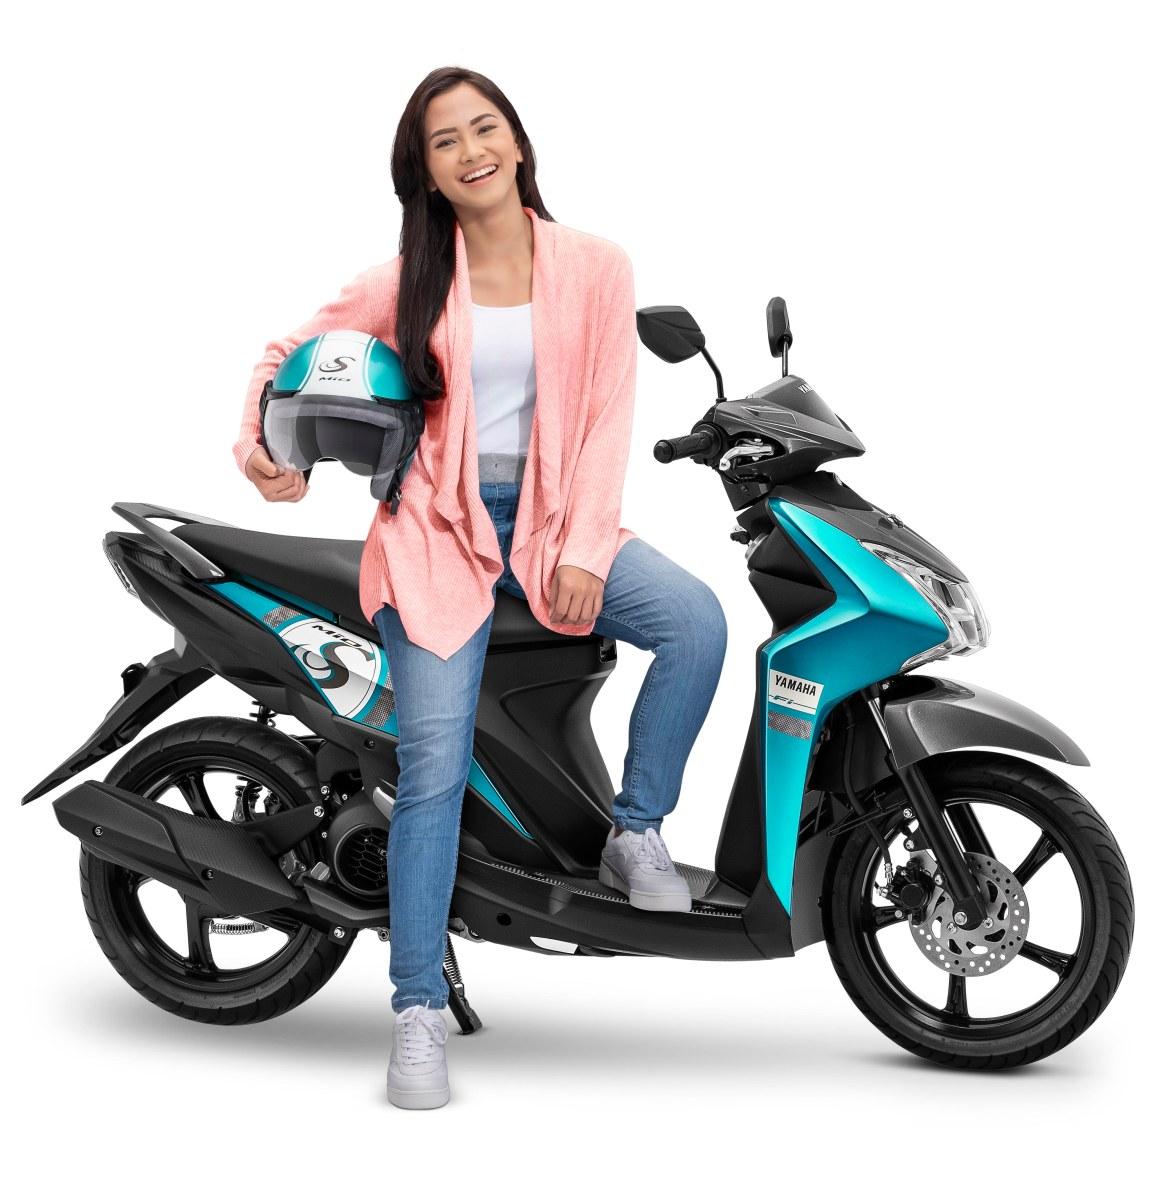 Selama dua bulan 2019, penjualan motor ngebut..... Honda masih yang teratas!